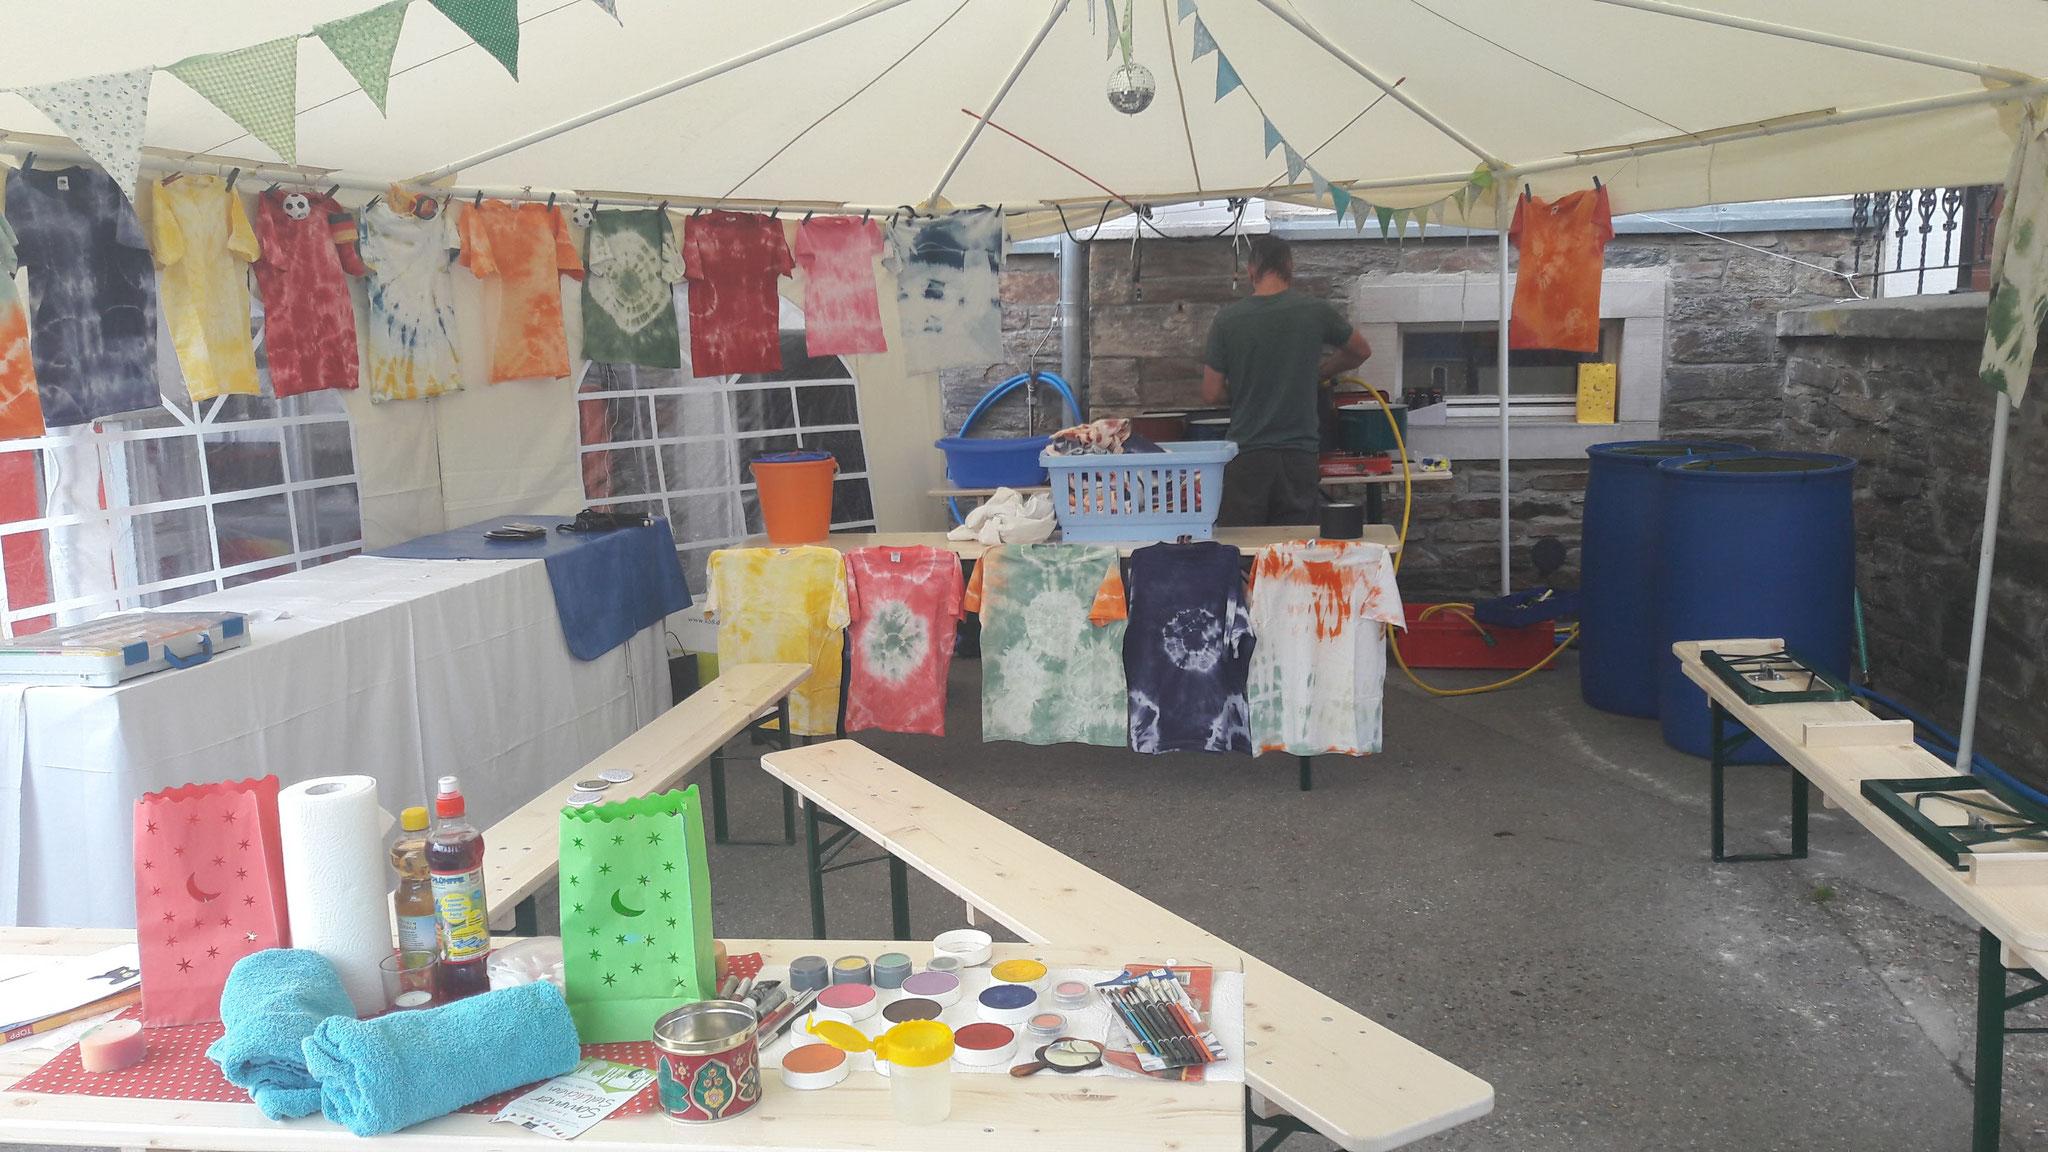 Mit Unterstützung schufen die Kinder hier wundervolle Glasverzierungen, Holzarbeiten und die farbenfrohesten Shirts.